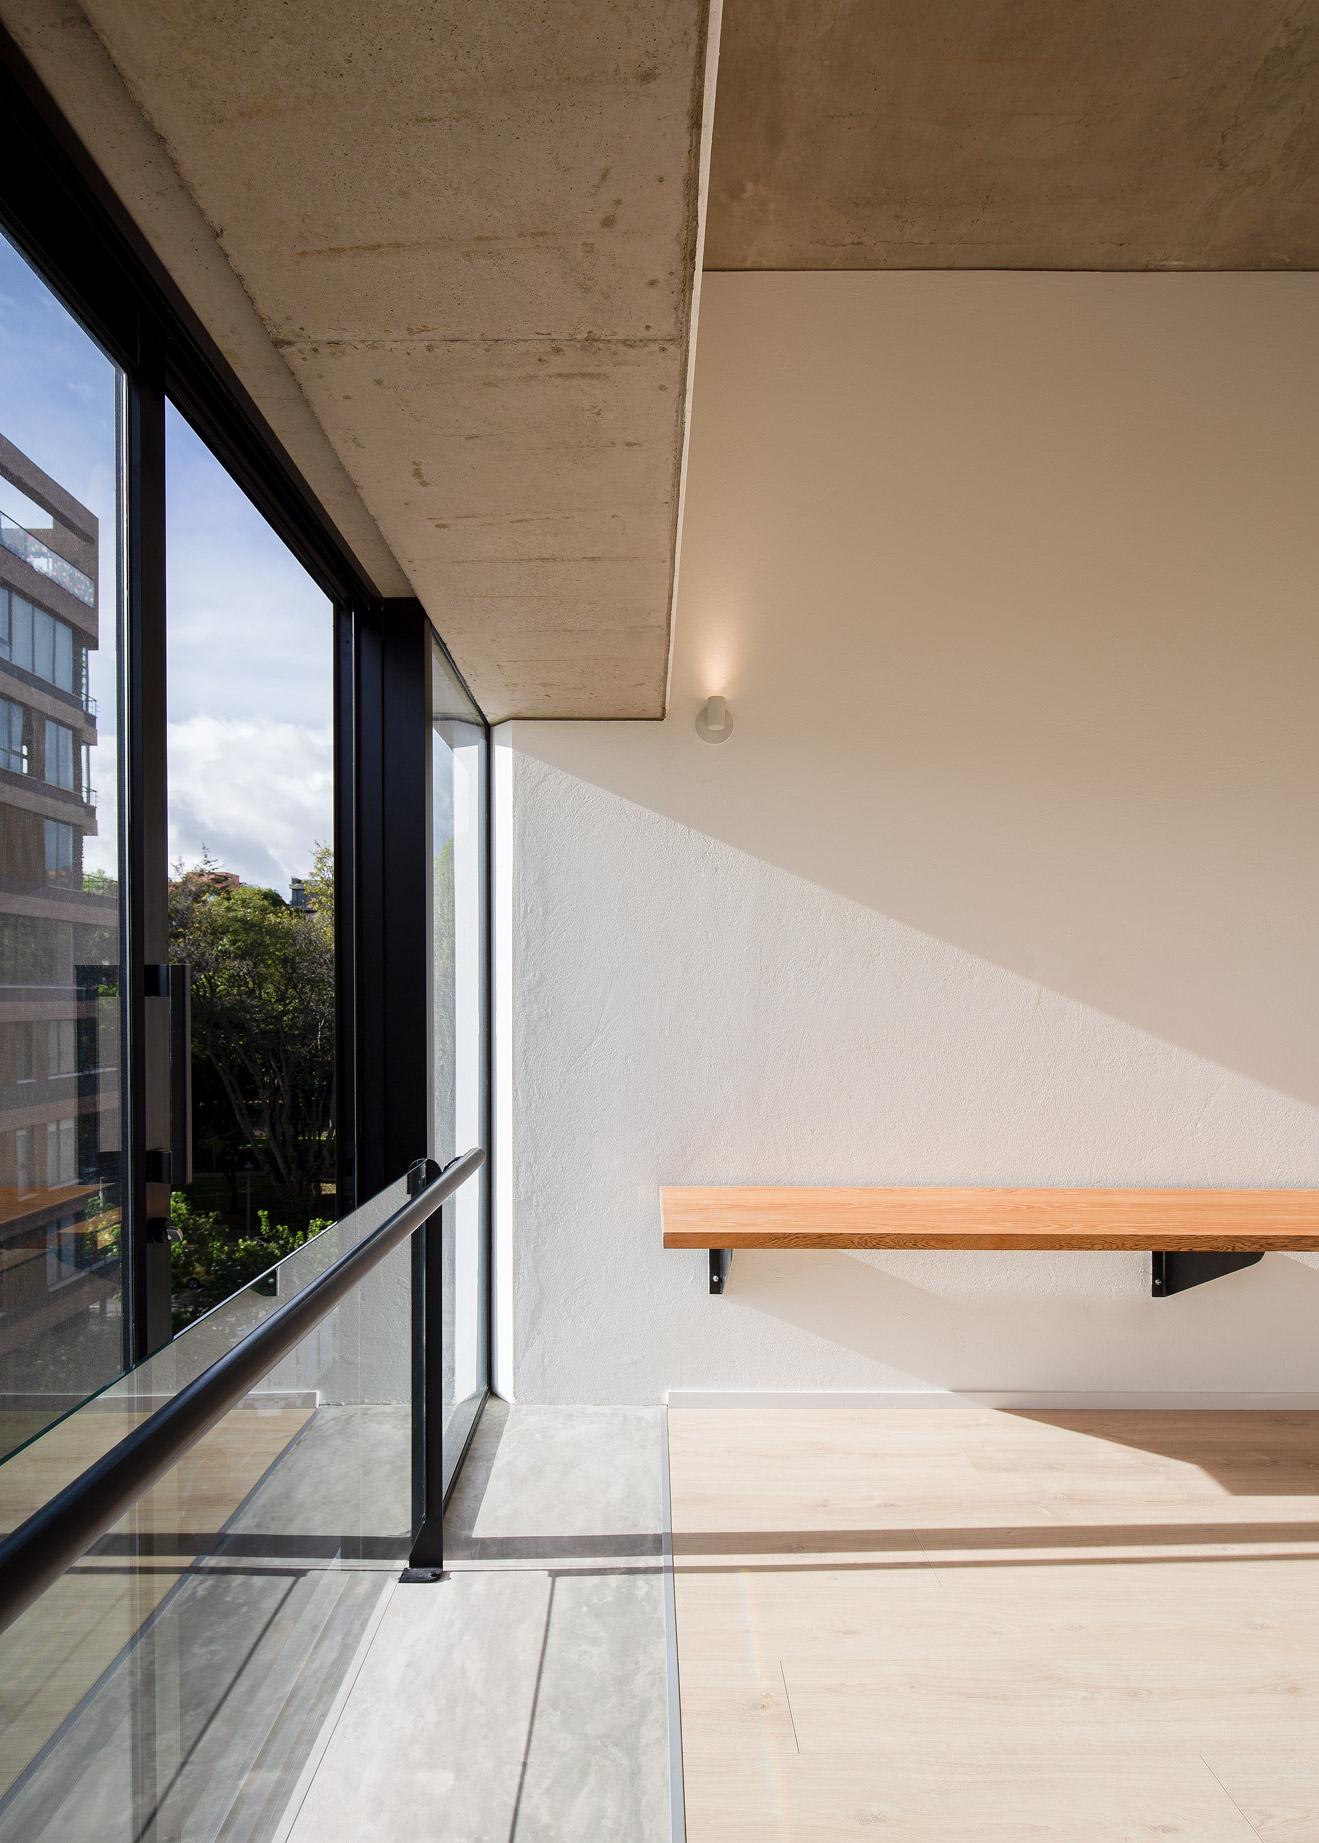 03.oberleander.arquitectos.arquitectura.architecture.interior.bogota.simon.bosch.photography